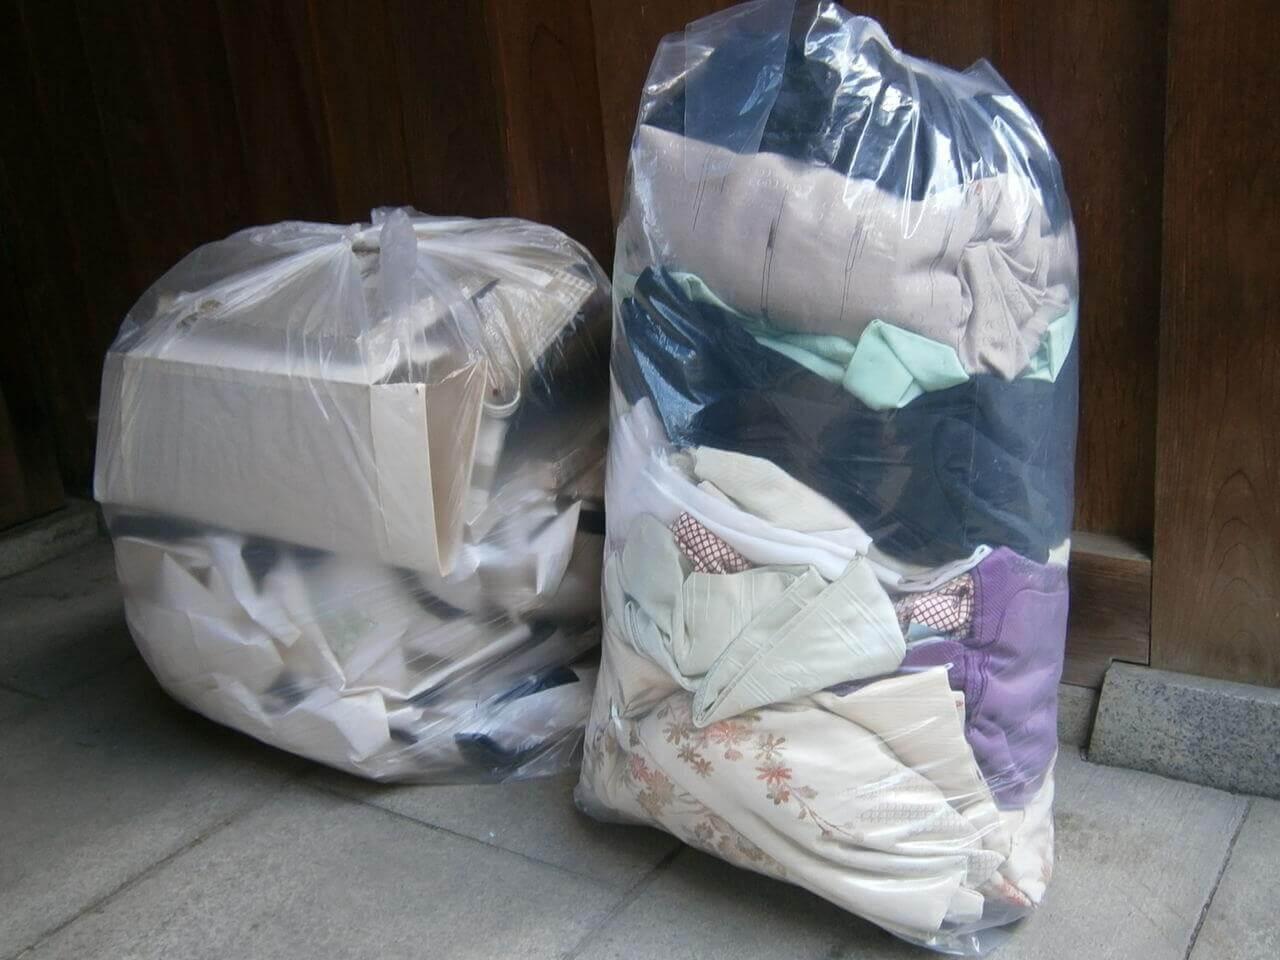 着物処分方法1.ゴミとして捨てる